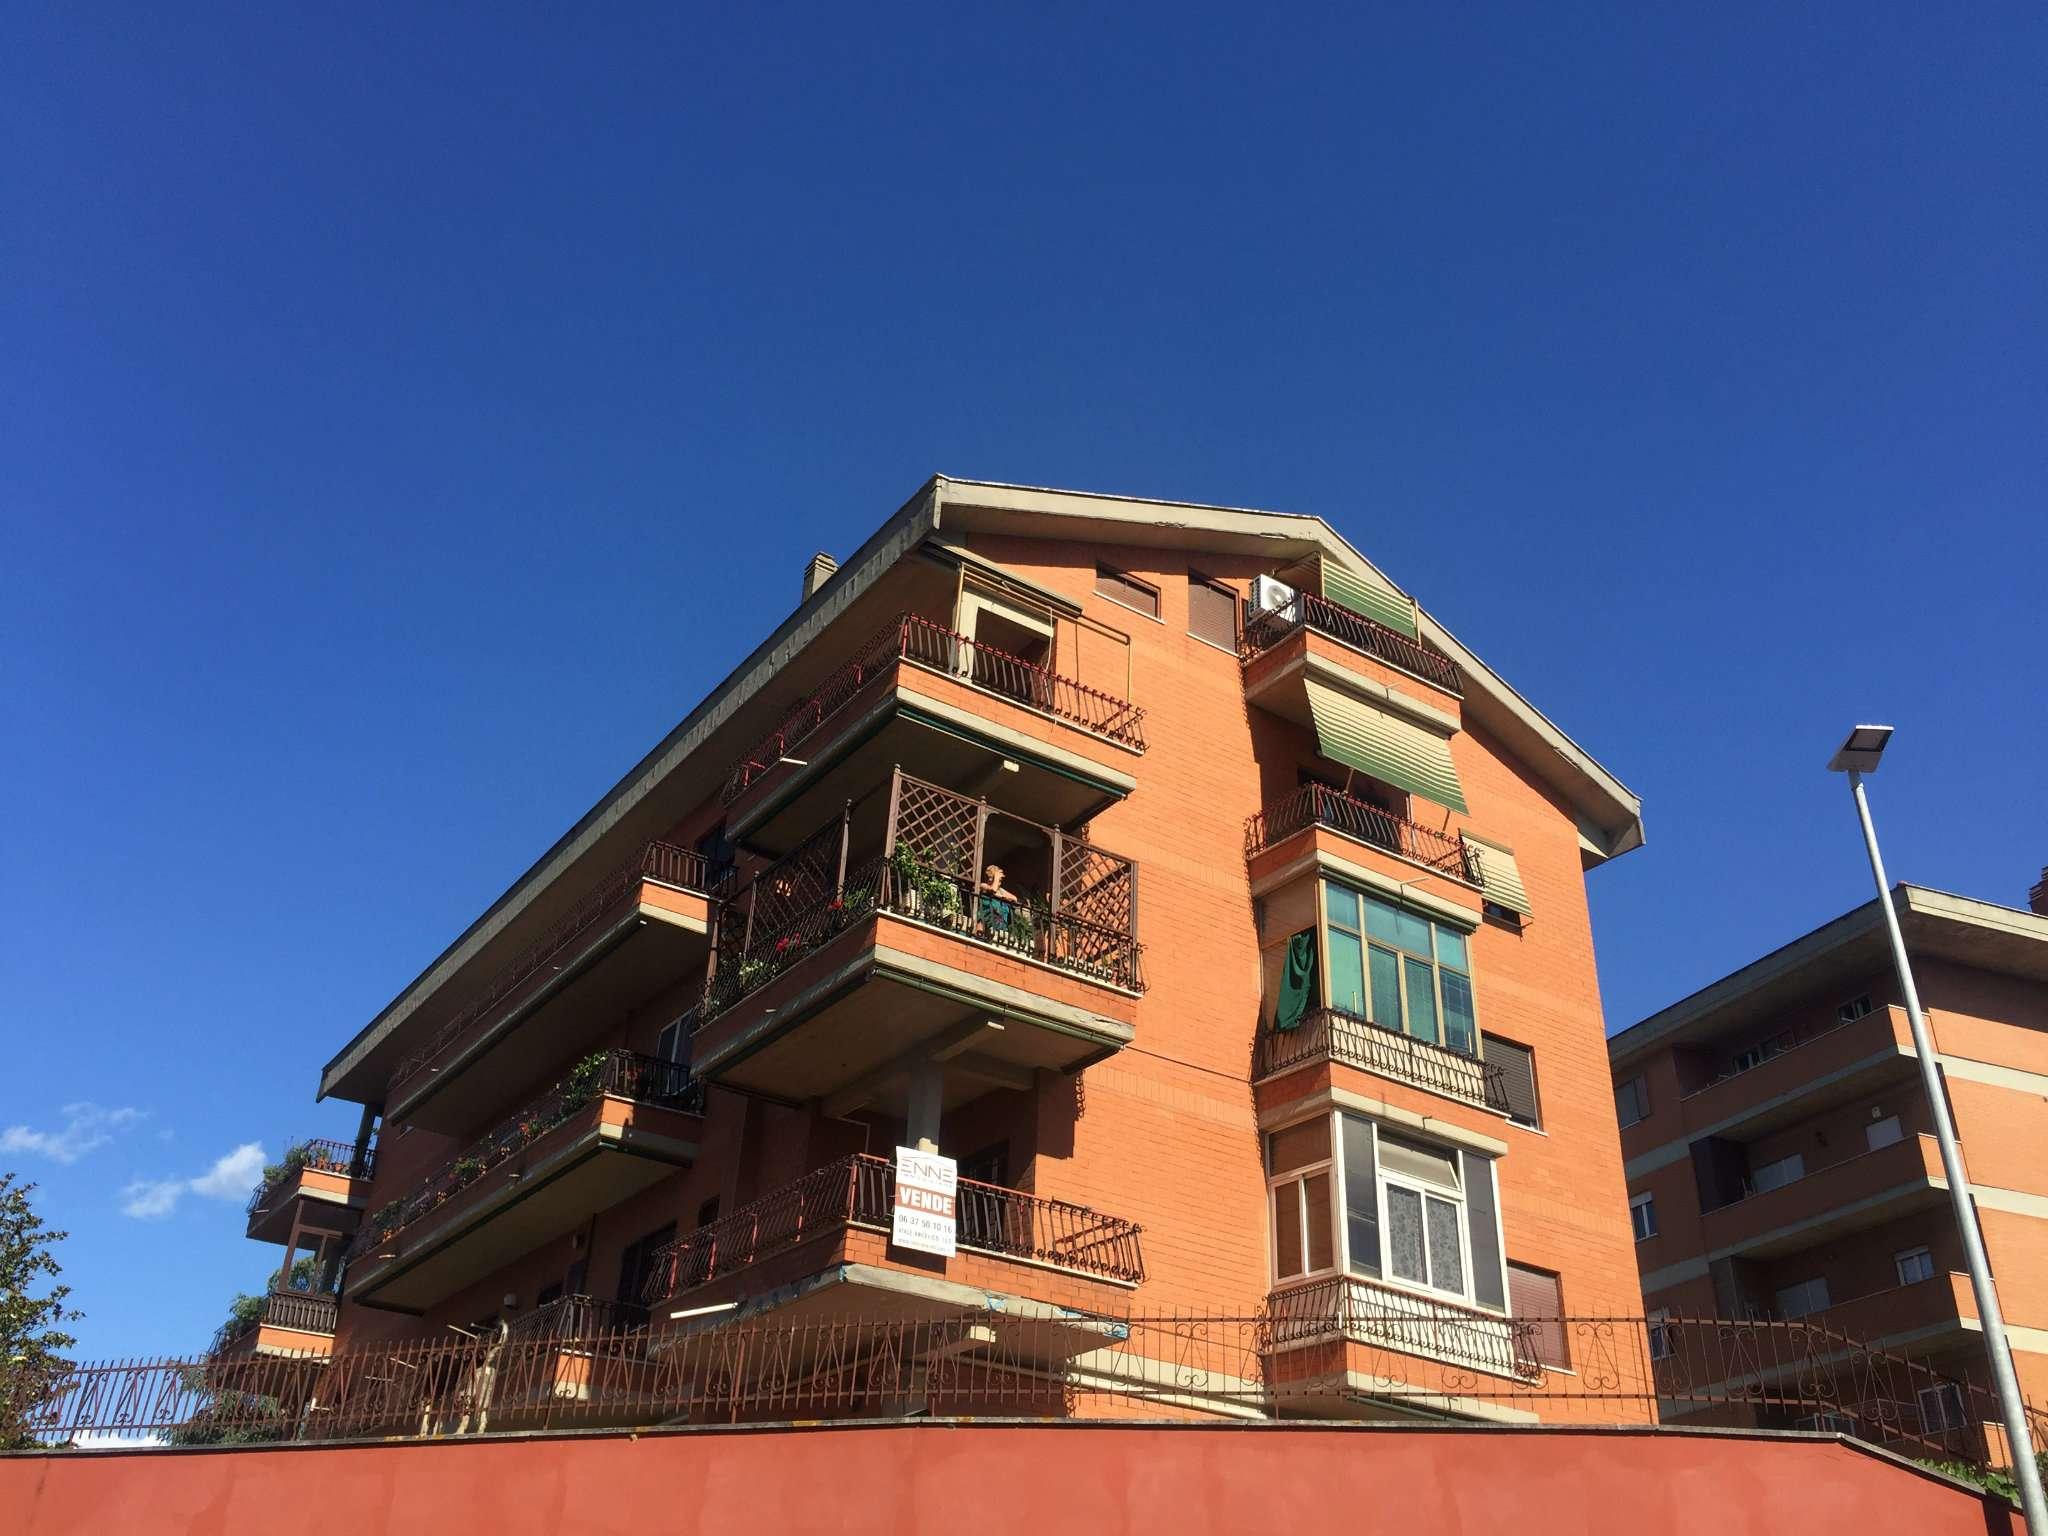 Appartamento in vendita a Roma, 3 locali, zona Zona: 28 . Torrevecchia - Pineta Sacchetti - Ottavia, prezzo € 250.000 | CambioCasa.it